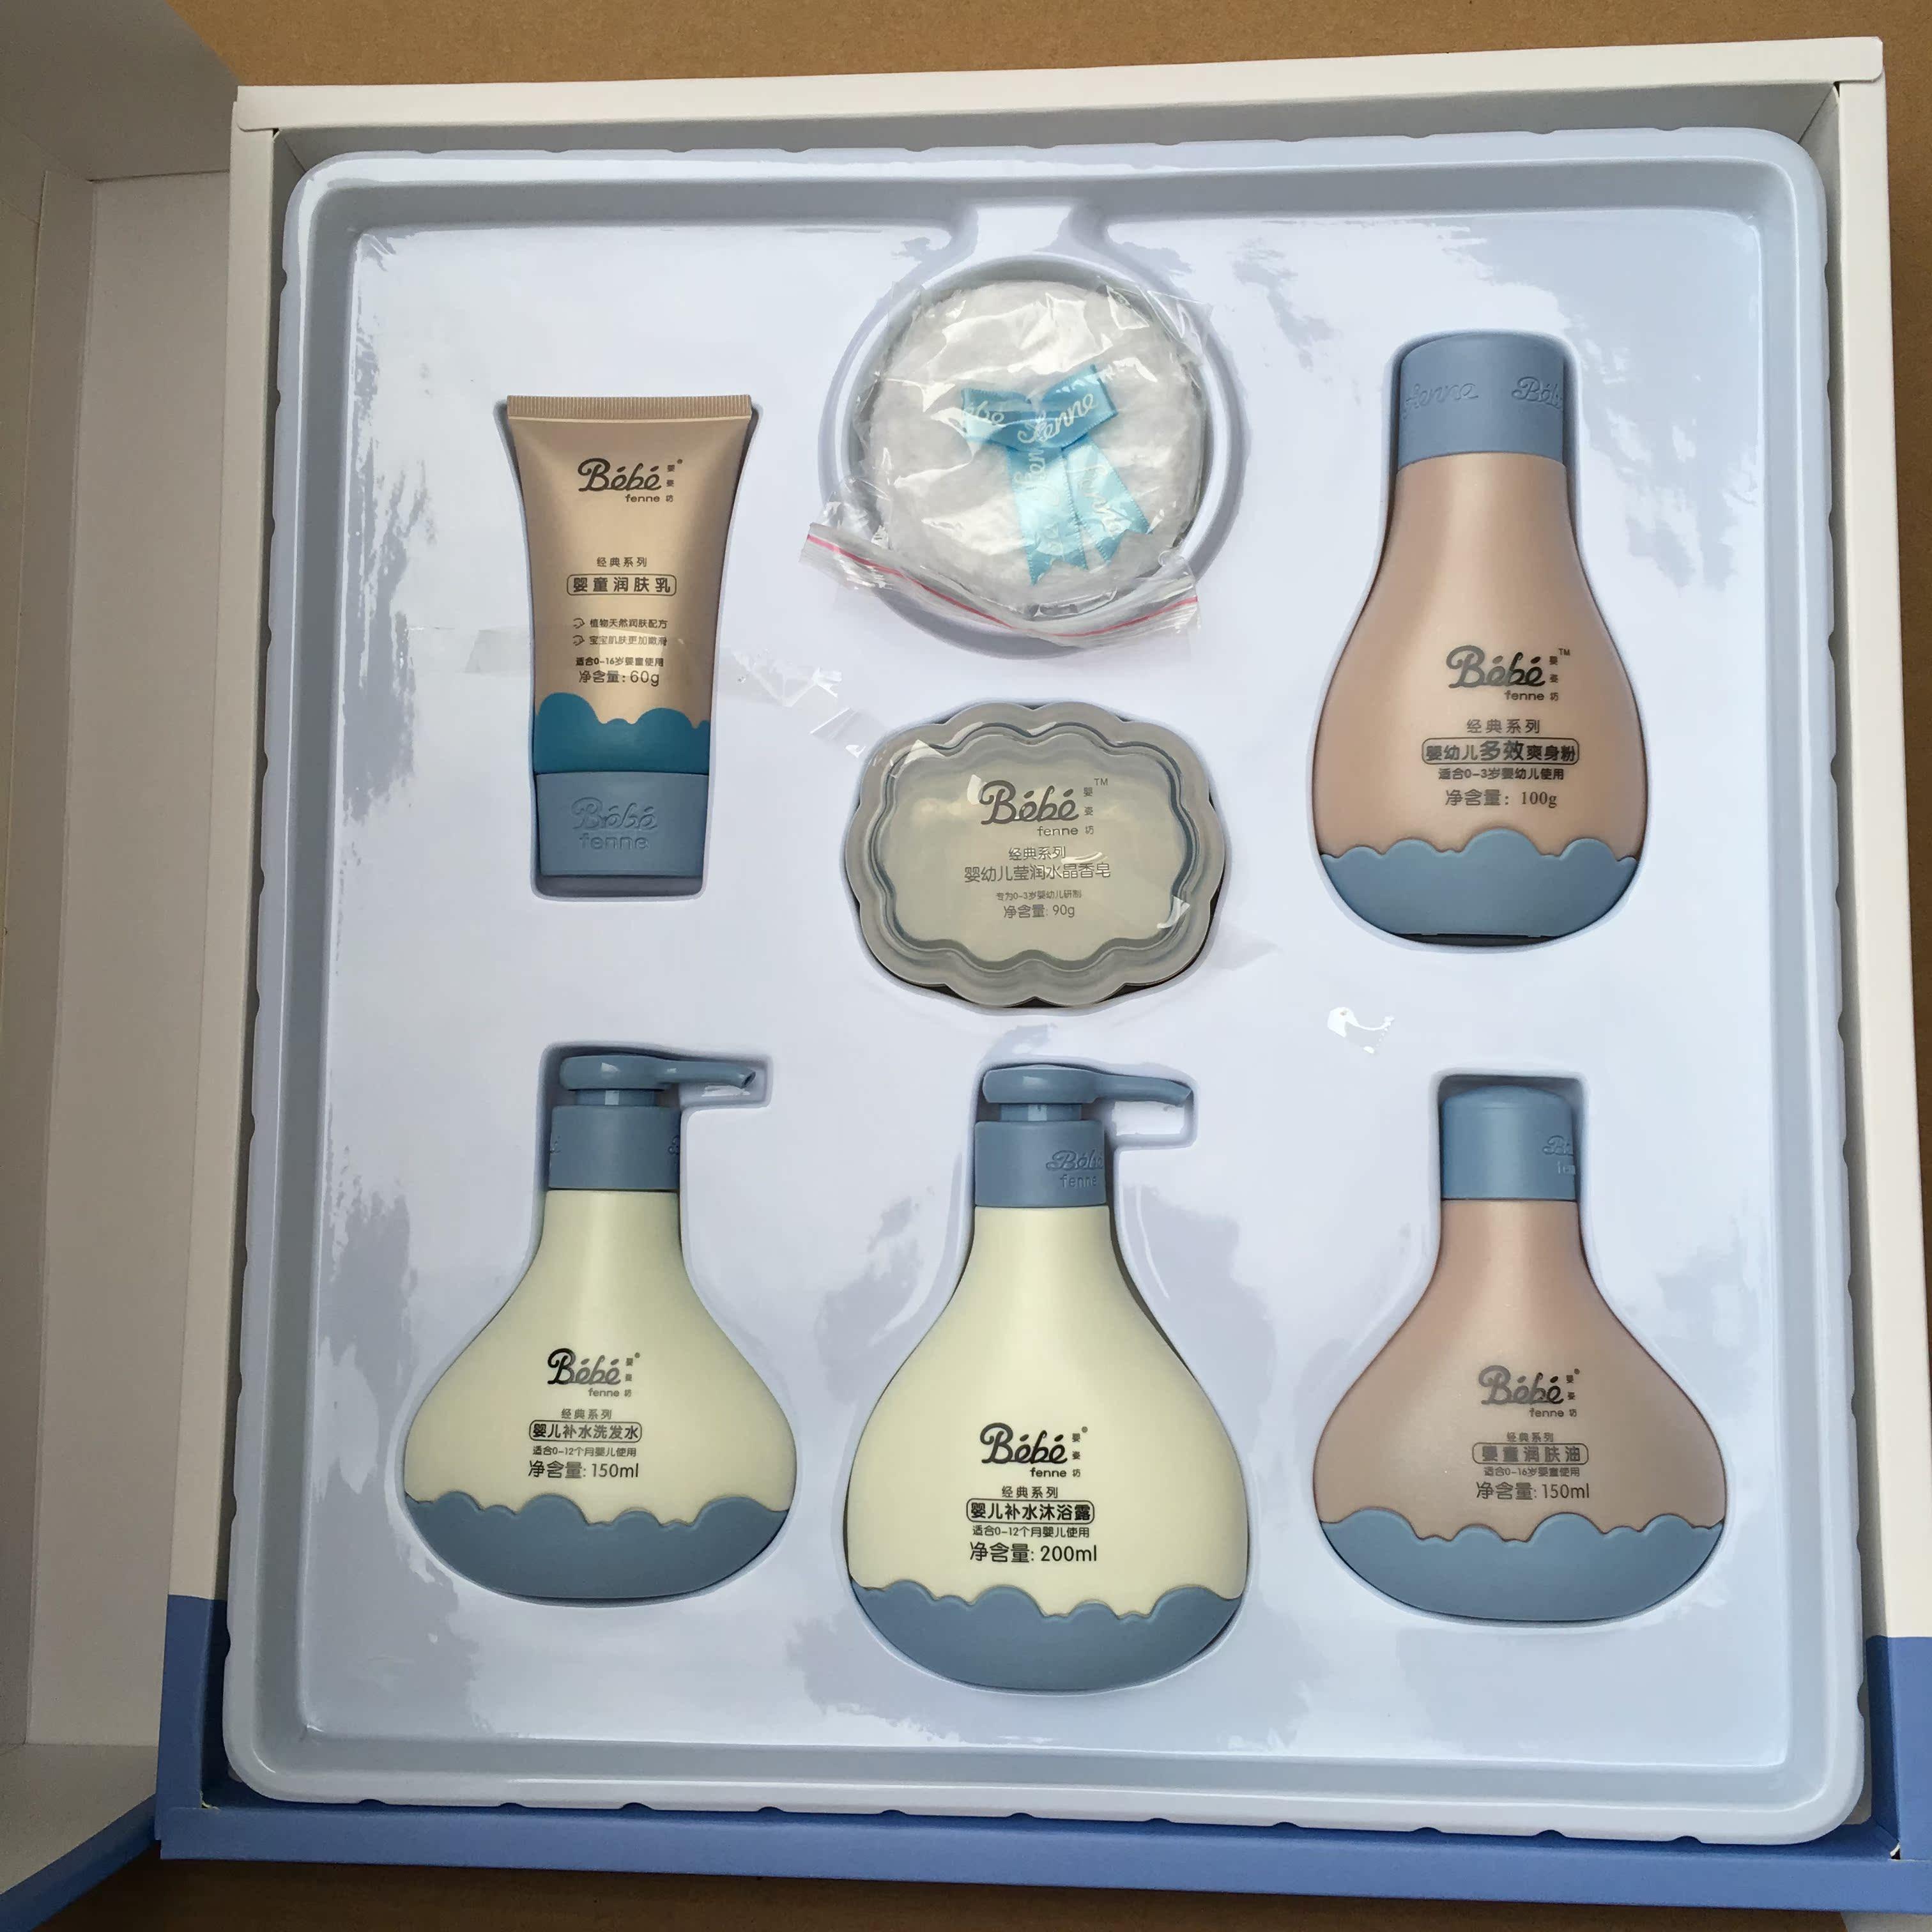 法国 初生婴儿礼盒礼物礼品 新生儿洗护套装洗发沐浴露